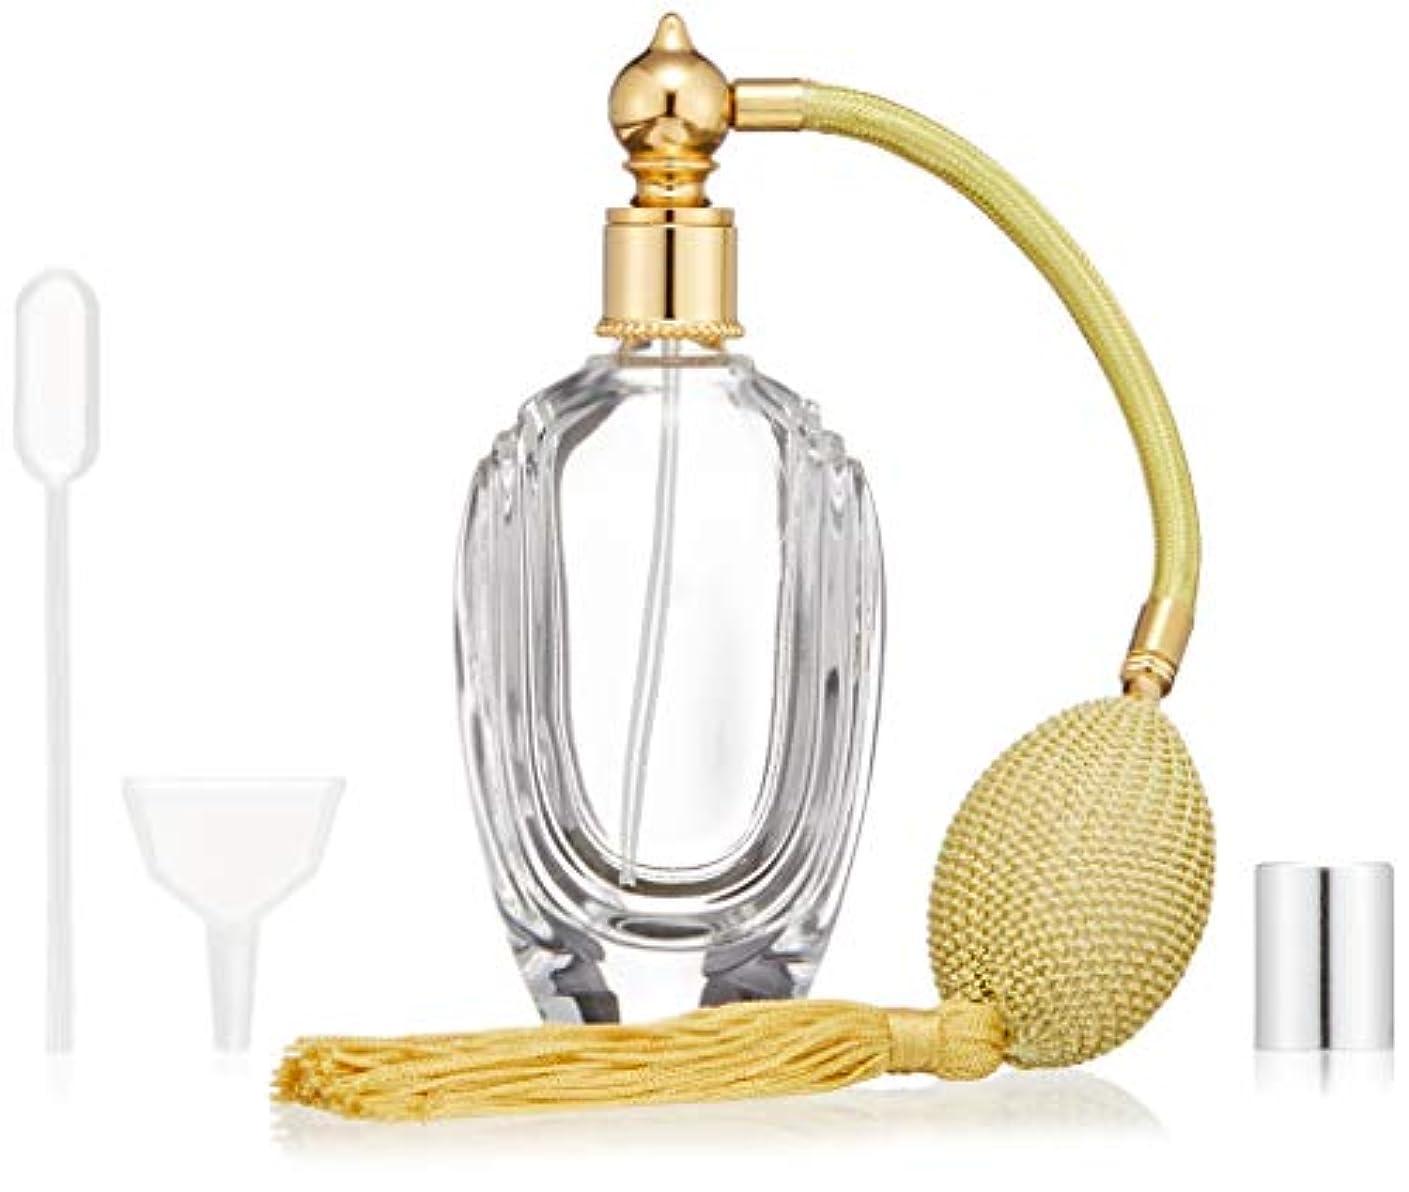 開業医冗談でに賛成ヒロセアトマイザー フランス製香水瓶50ML Upper East Side 399853CG (50MLタクジョウ) CLGD